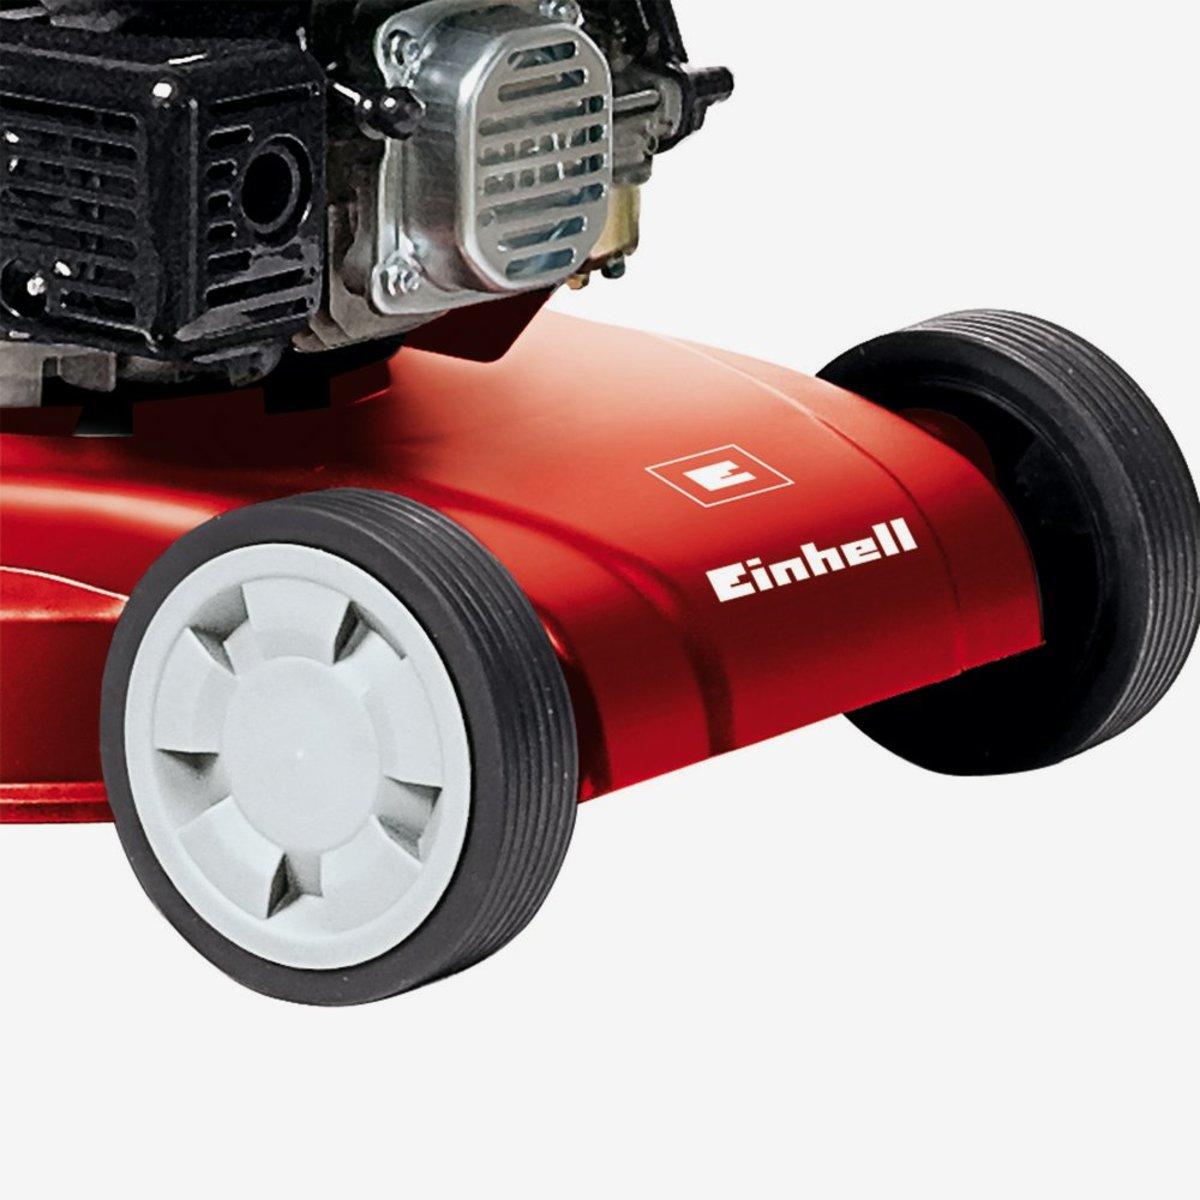 Bild 5 von Einhell Benzin-Rasenmäher GH-PM 40 P 1,6 kW